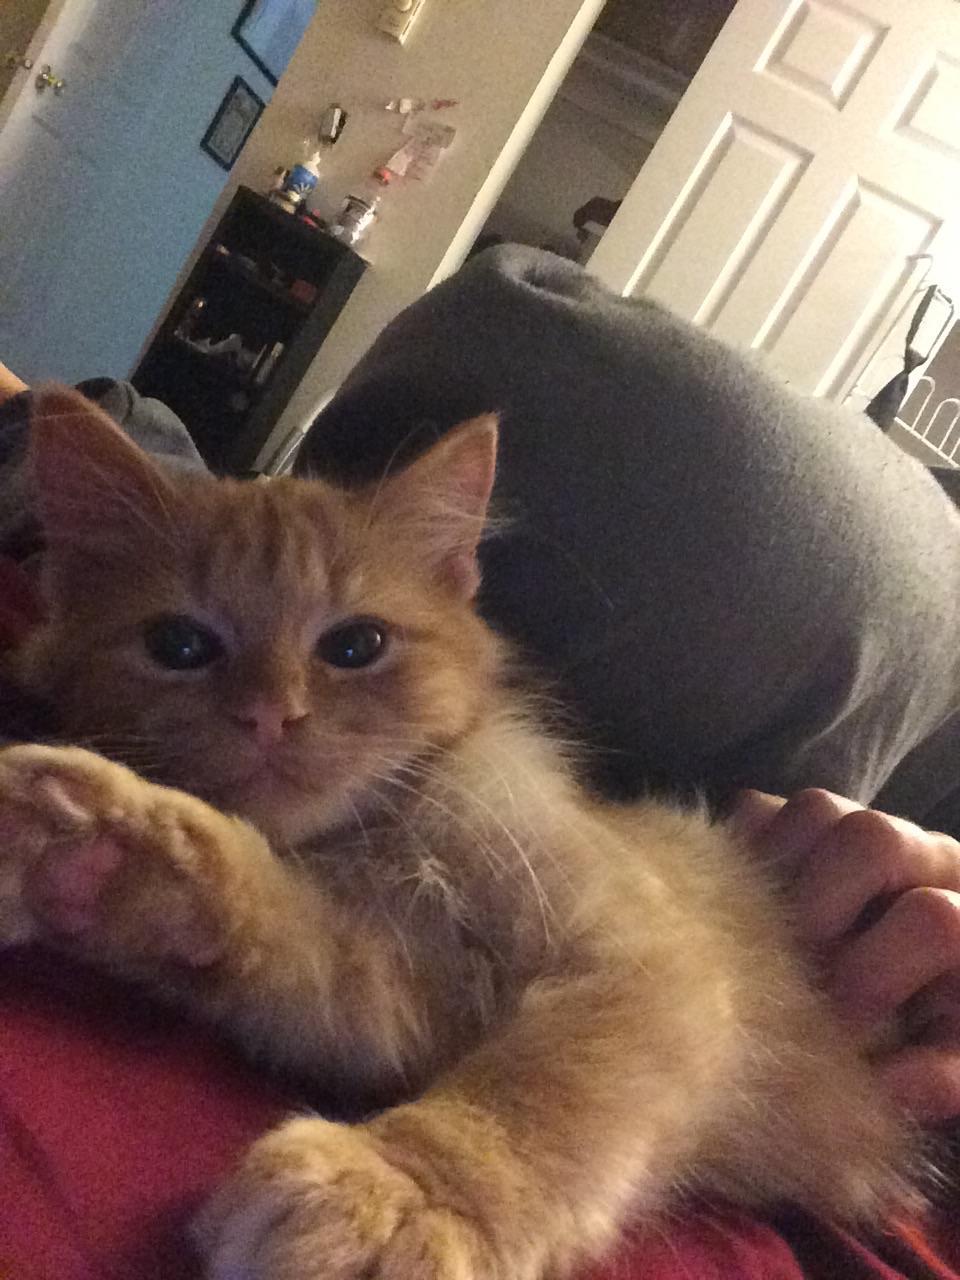 Photos of Your Pet